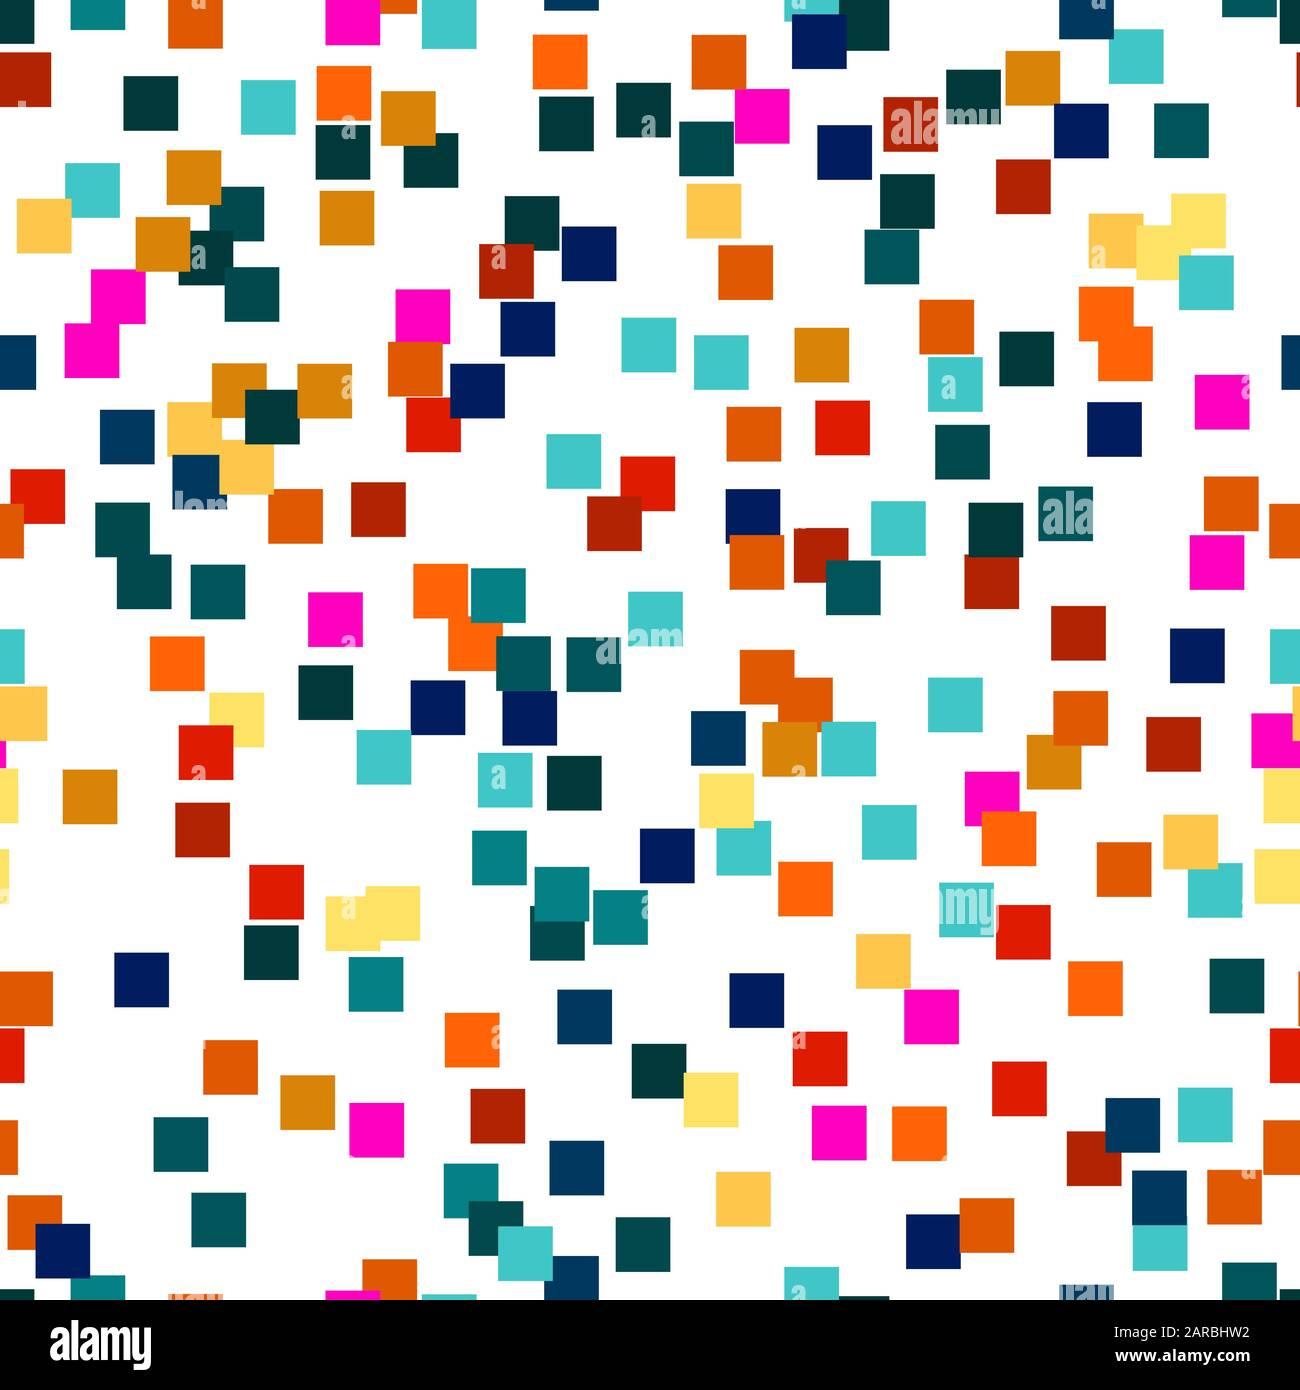 Patrón de materiales geométricos vectoriales sin costuras de cuadrados de colores para textiles, embalaje, impresión de papel, fondos y texturas simples. Ilustración del Vector